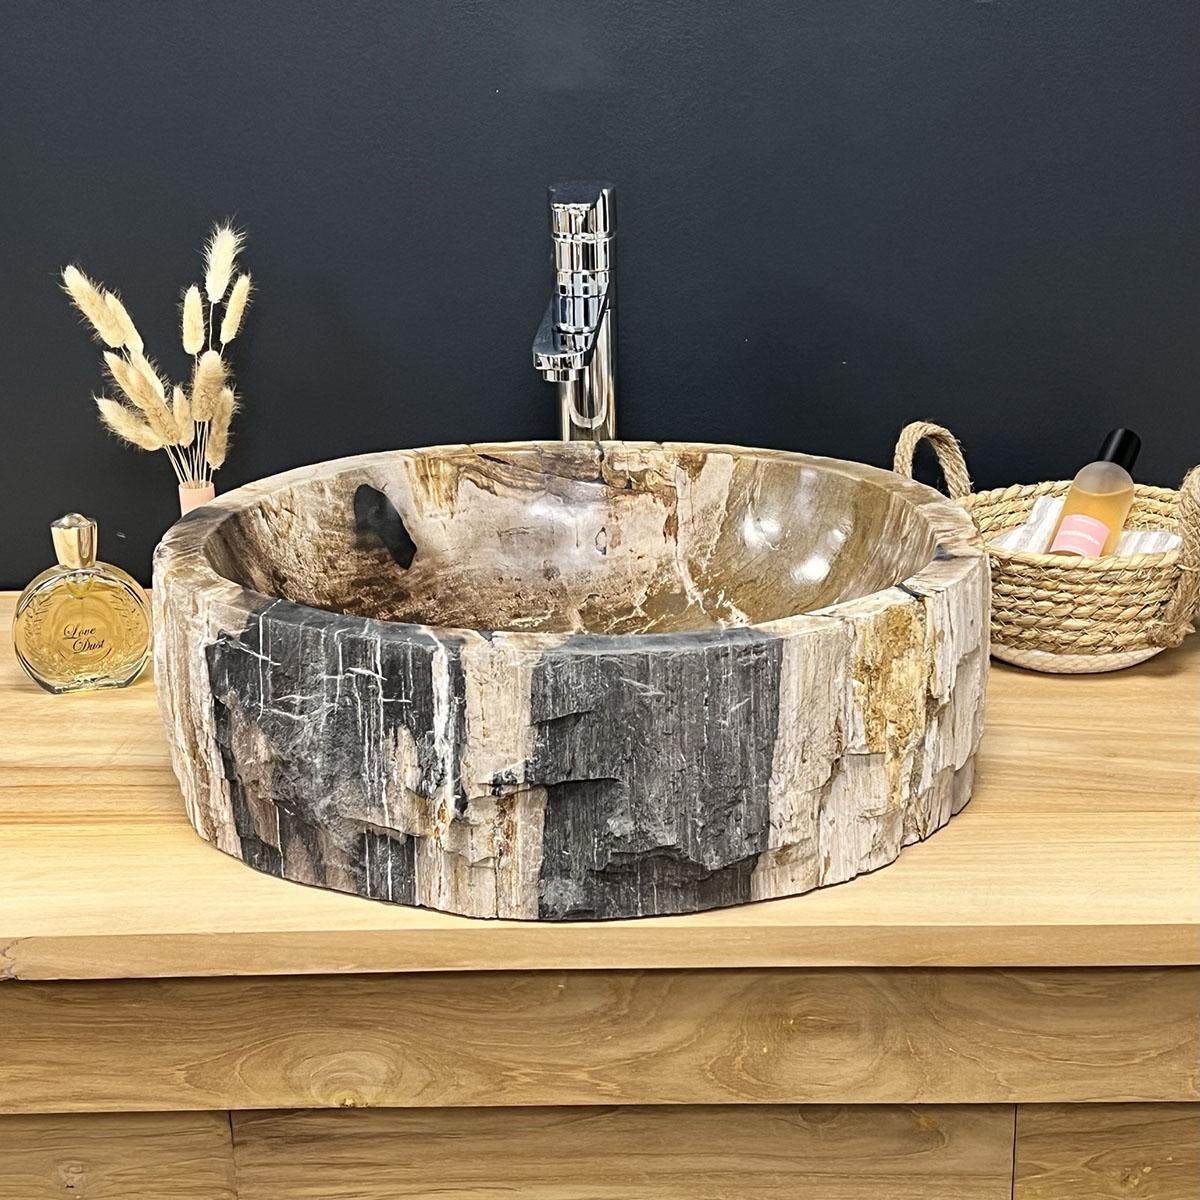 Salle de bain vasque bois avec plus de clarté fonds d'écran ...